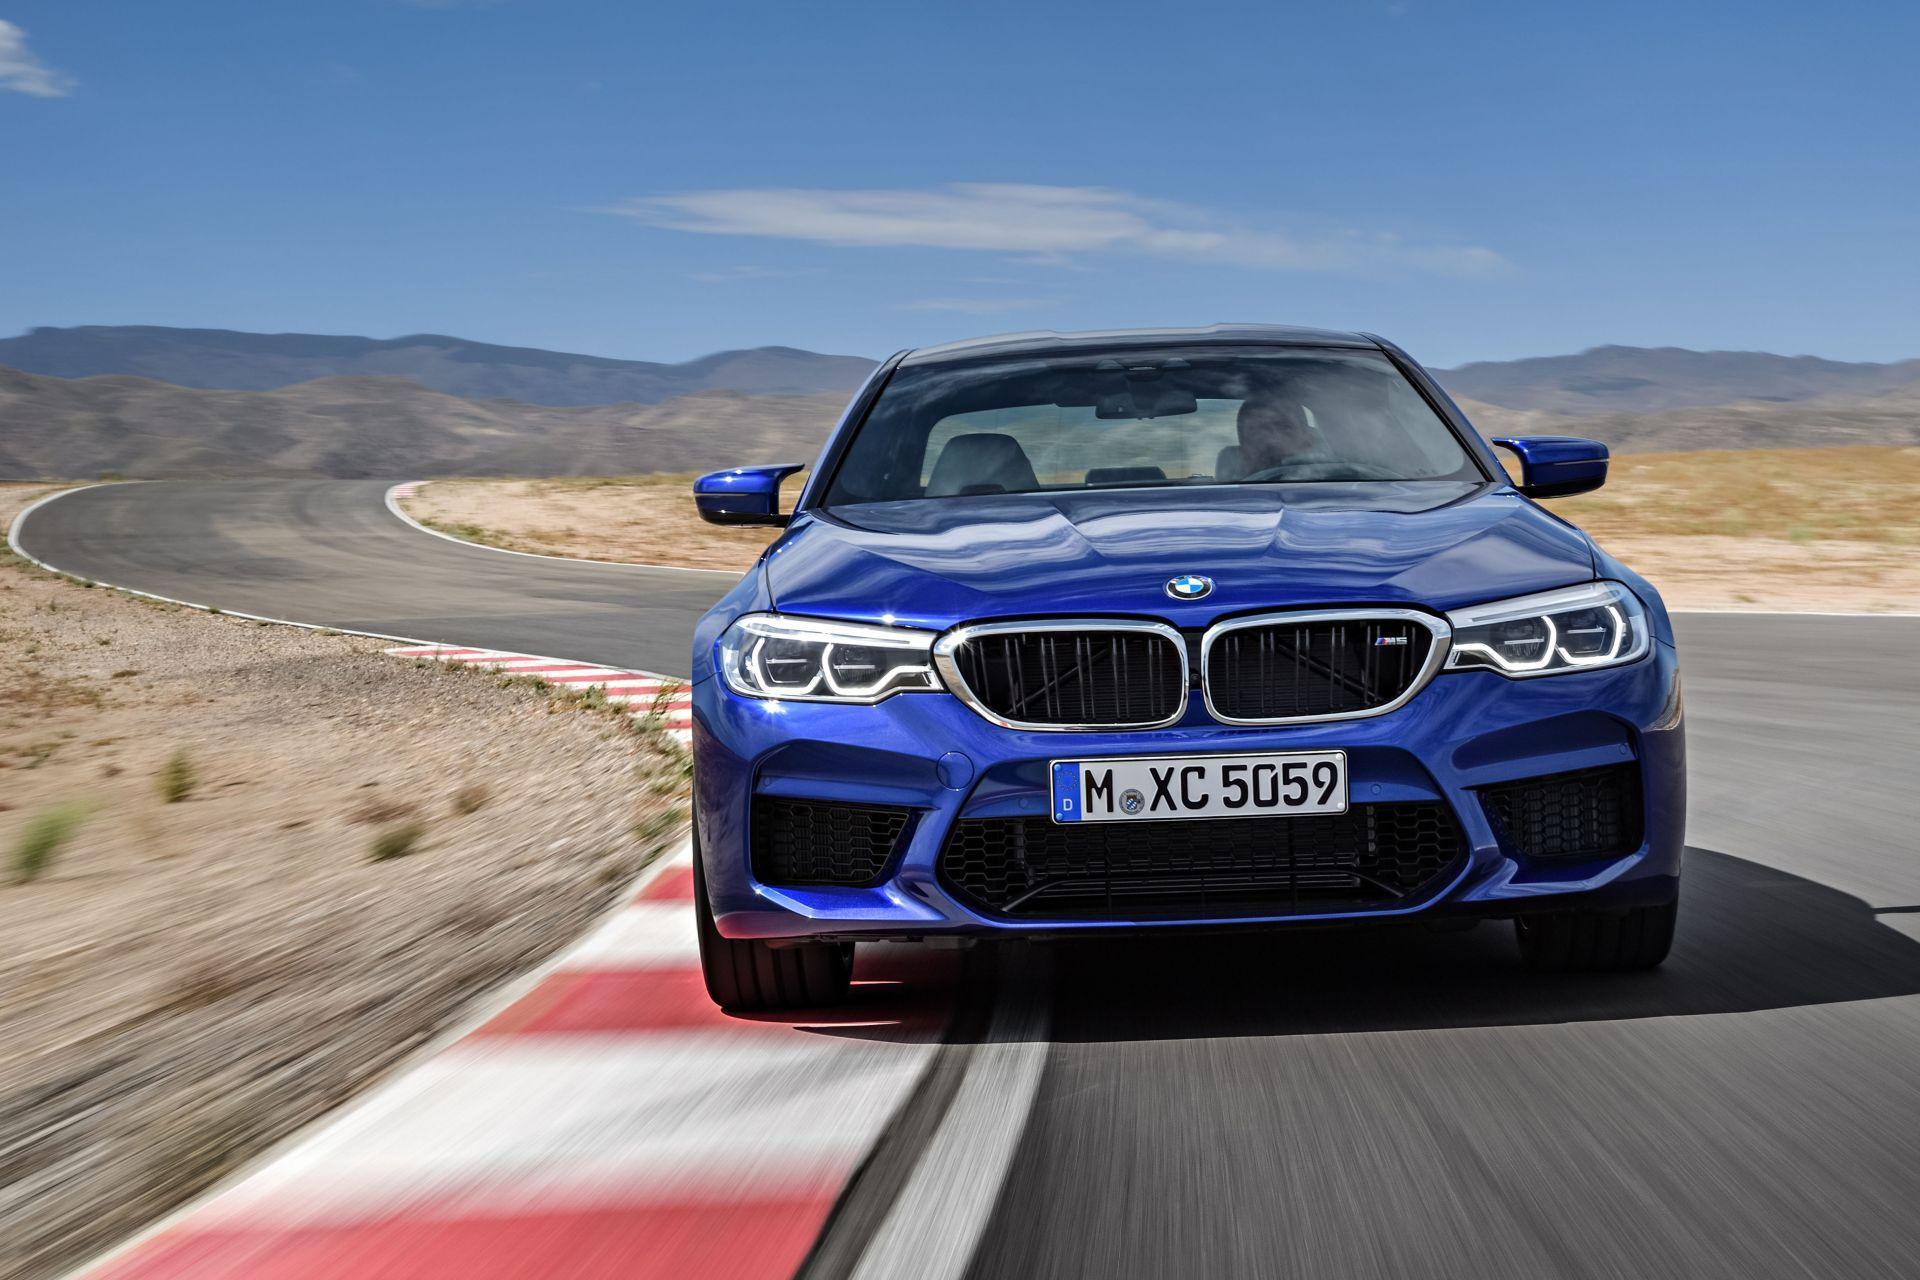 BMW incorpora por primera vez tracción total al sedán deportivo M5